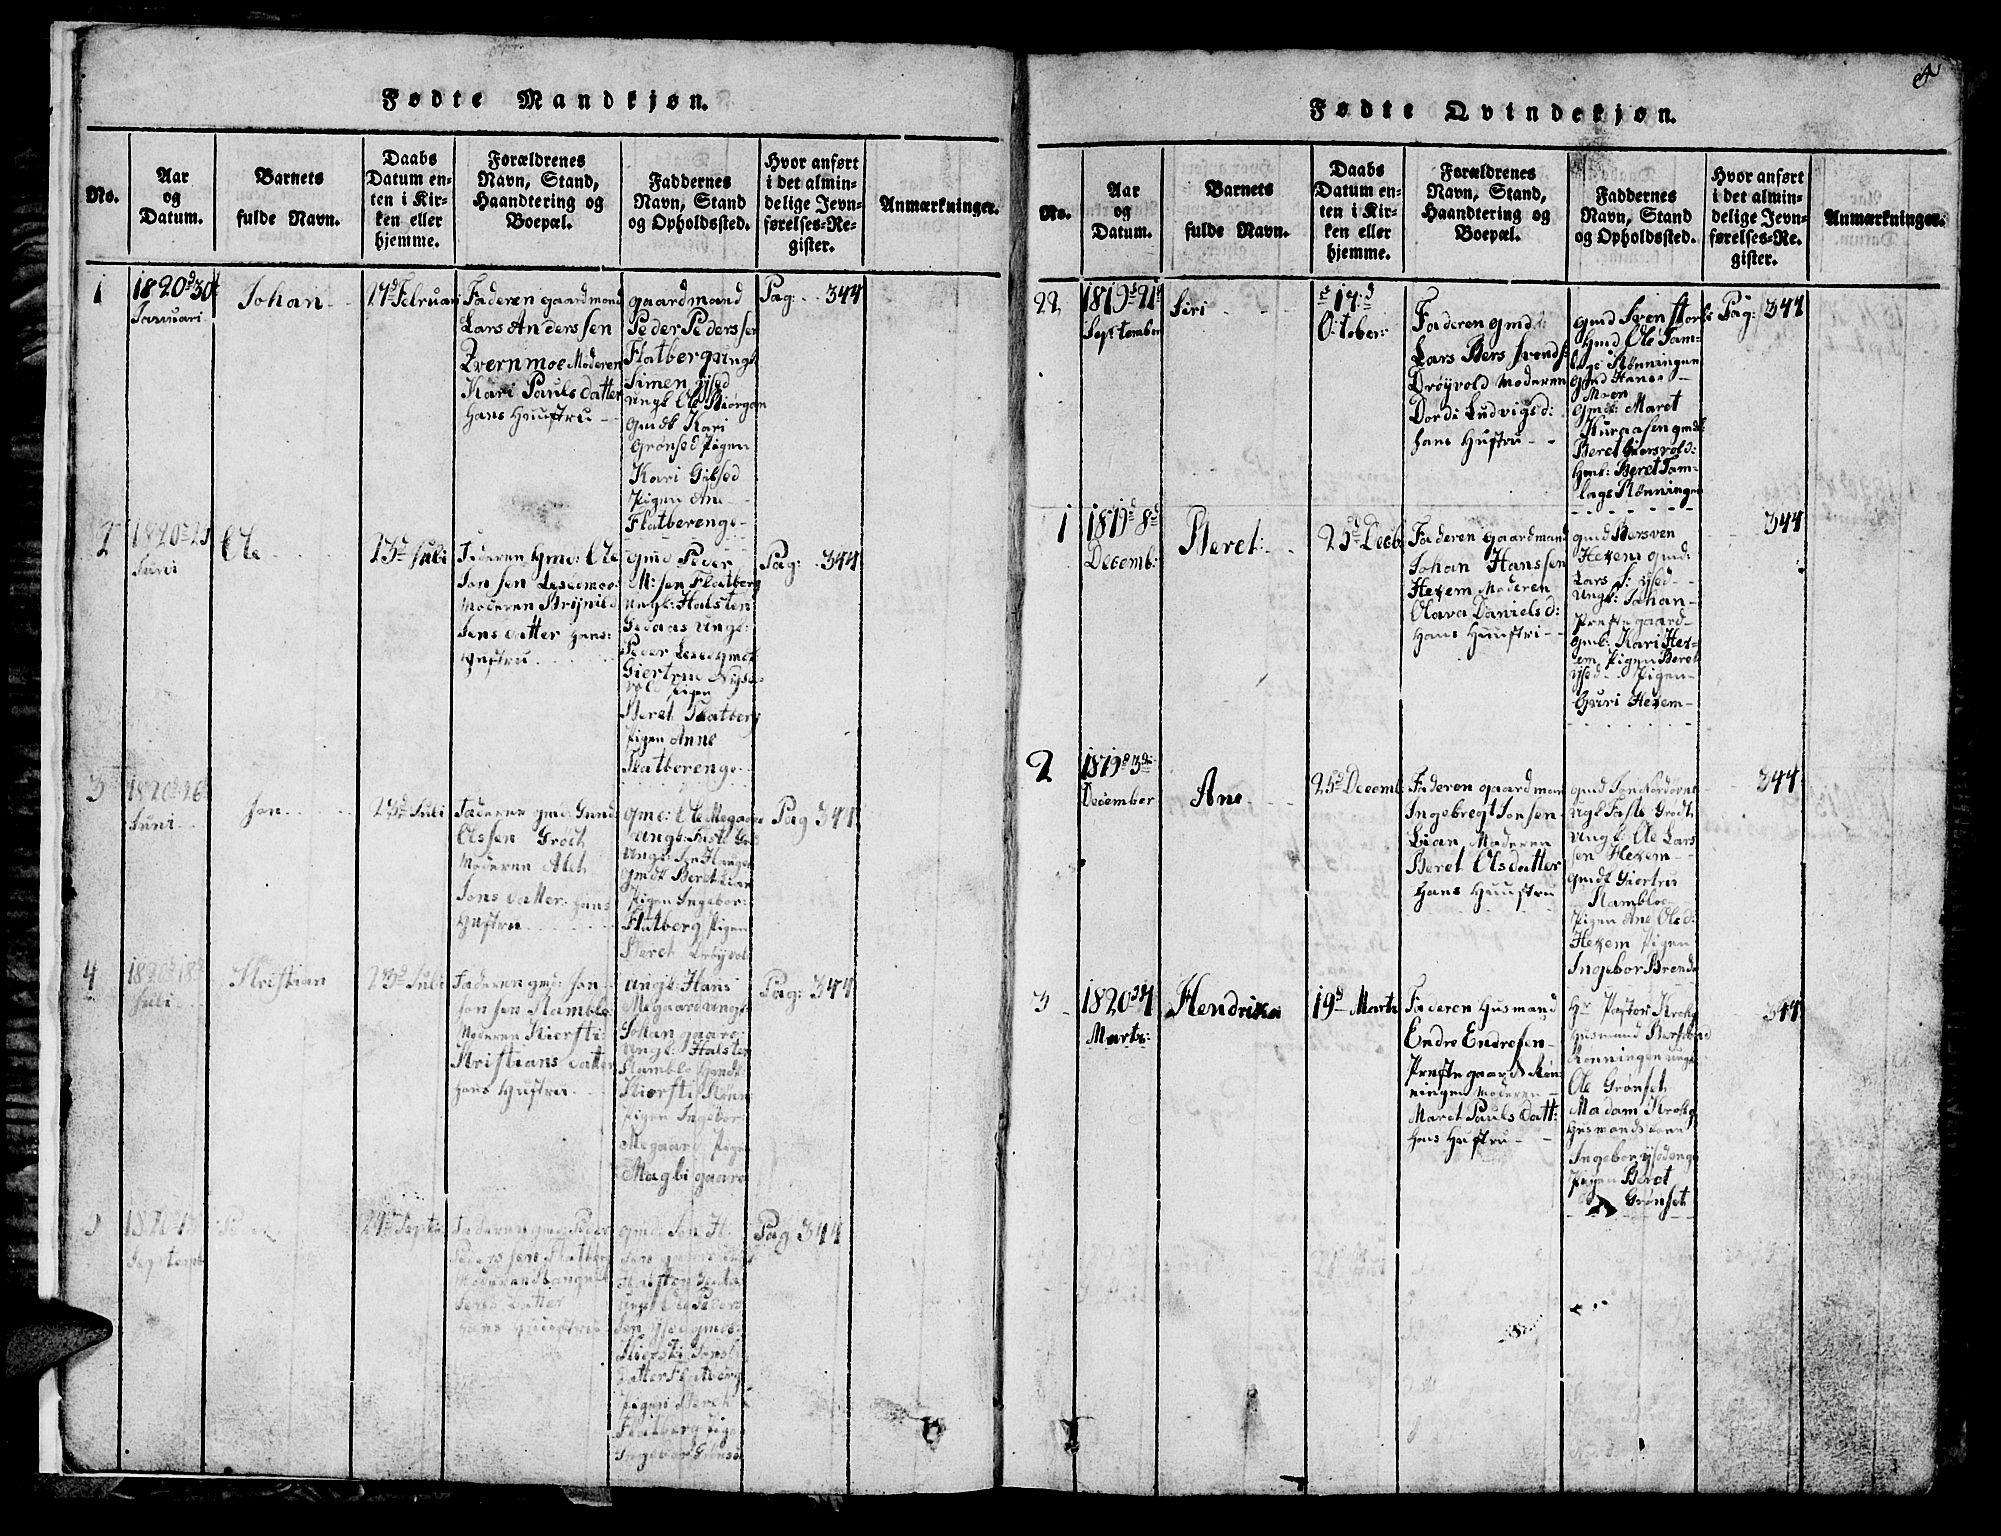 SAT, Ministerialprotokoller, klokkerbøker og fødselsregistre - Sør-Trøndelag, 685/L0976: Klokkerbok nr. 685C01, 1817-1878, s. 5